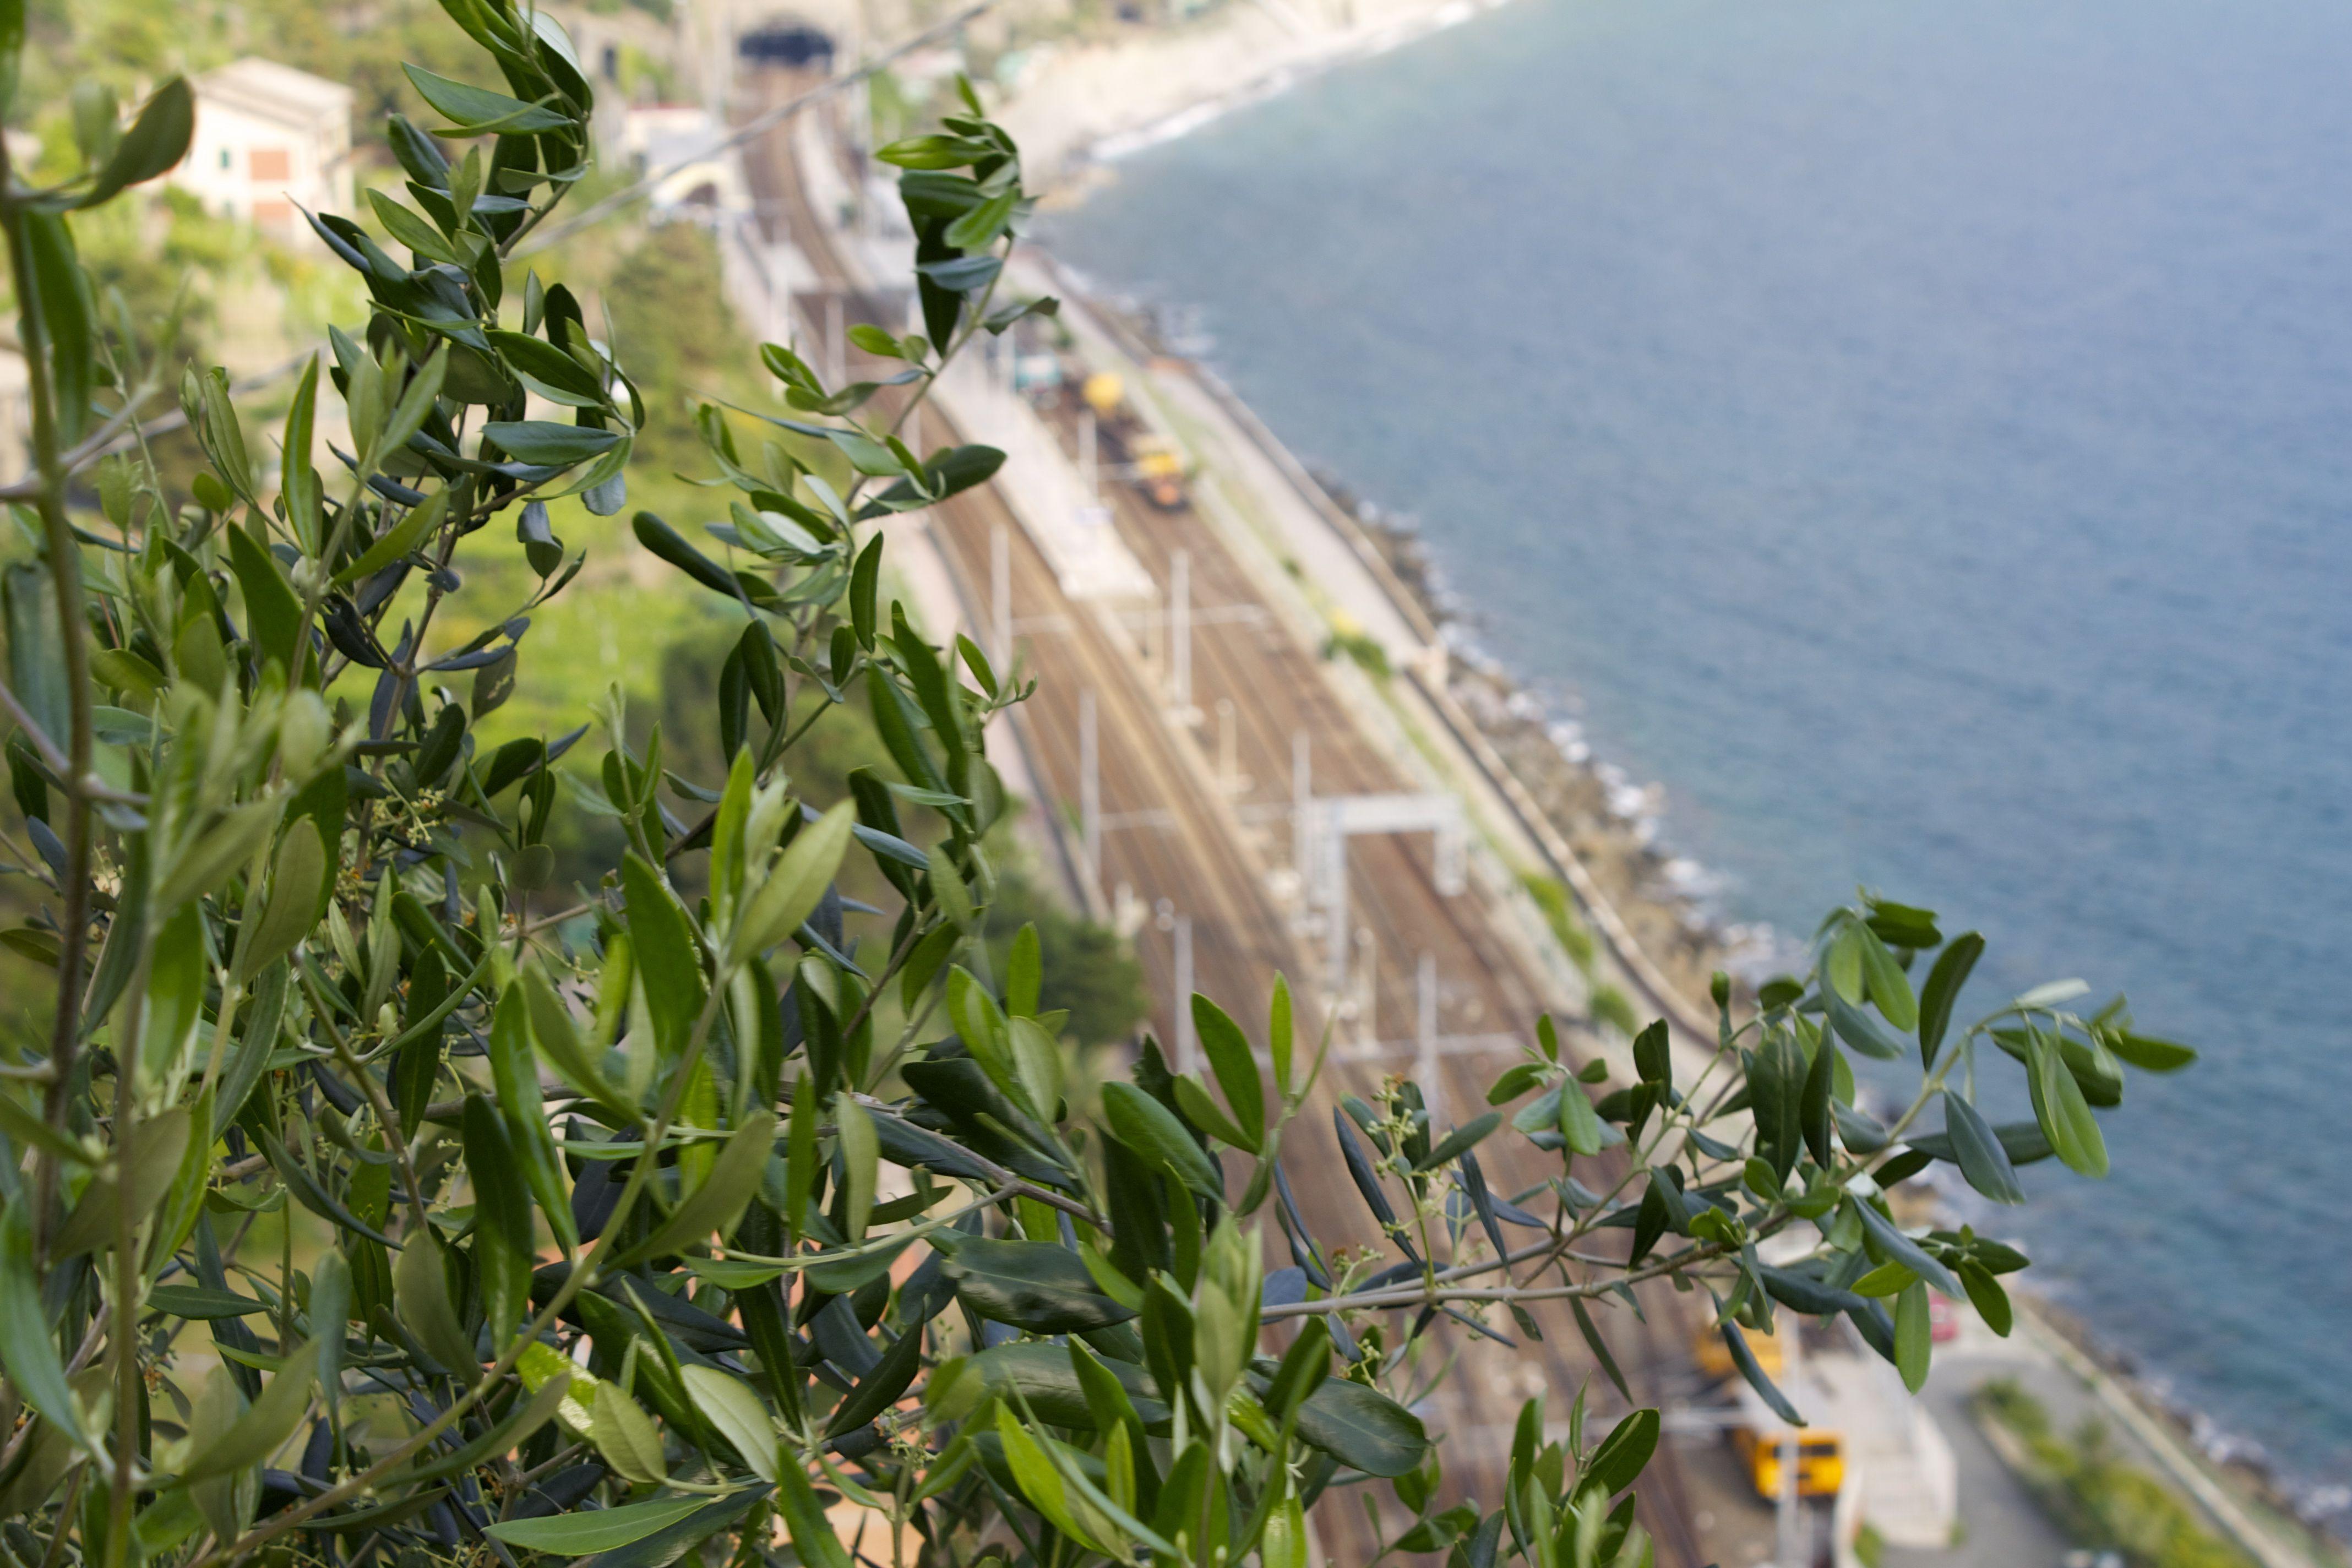 Train-station at the food of Corniglia, Cinque Terre, Italy.  June 2012.